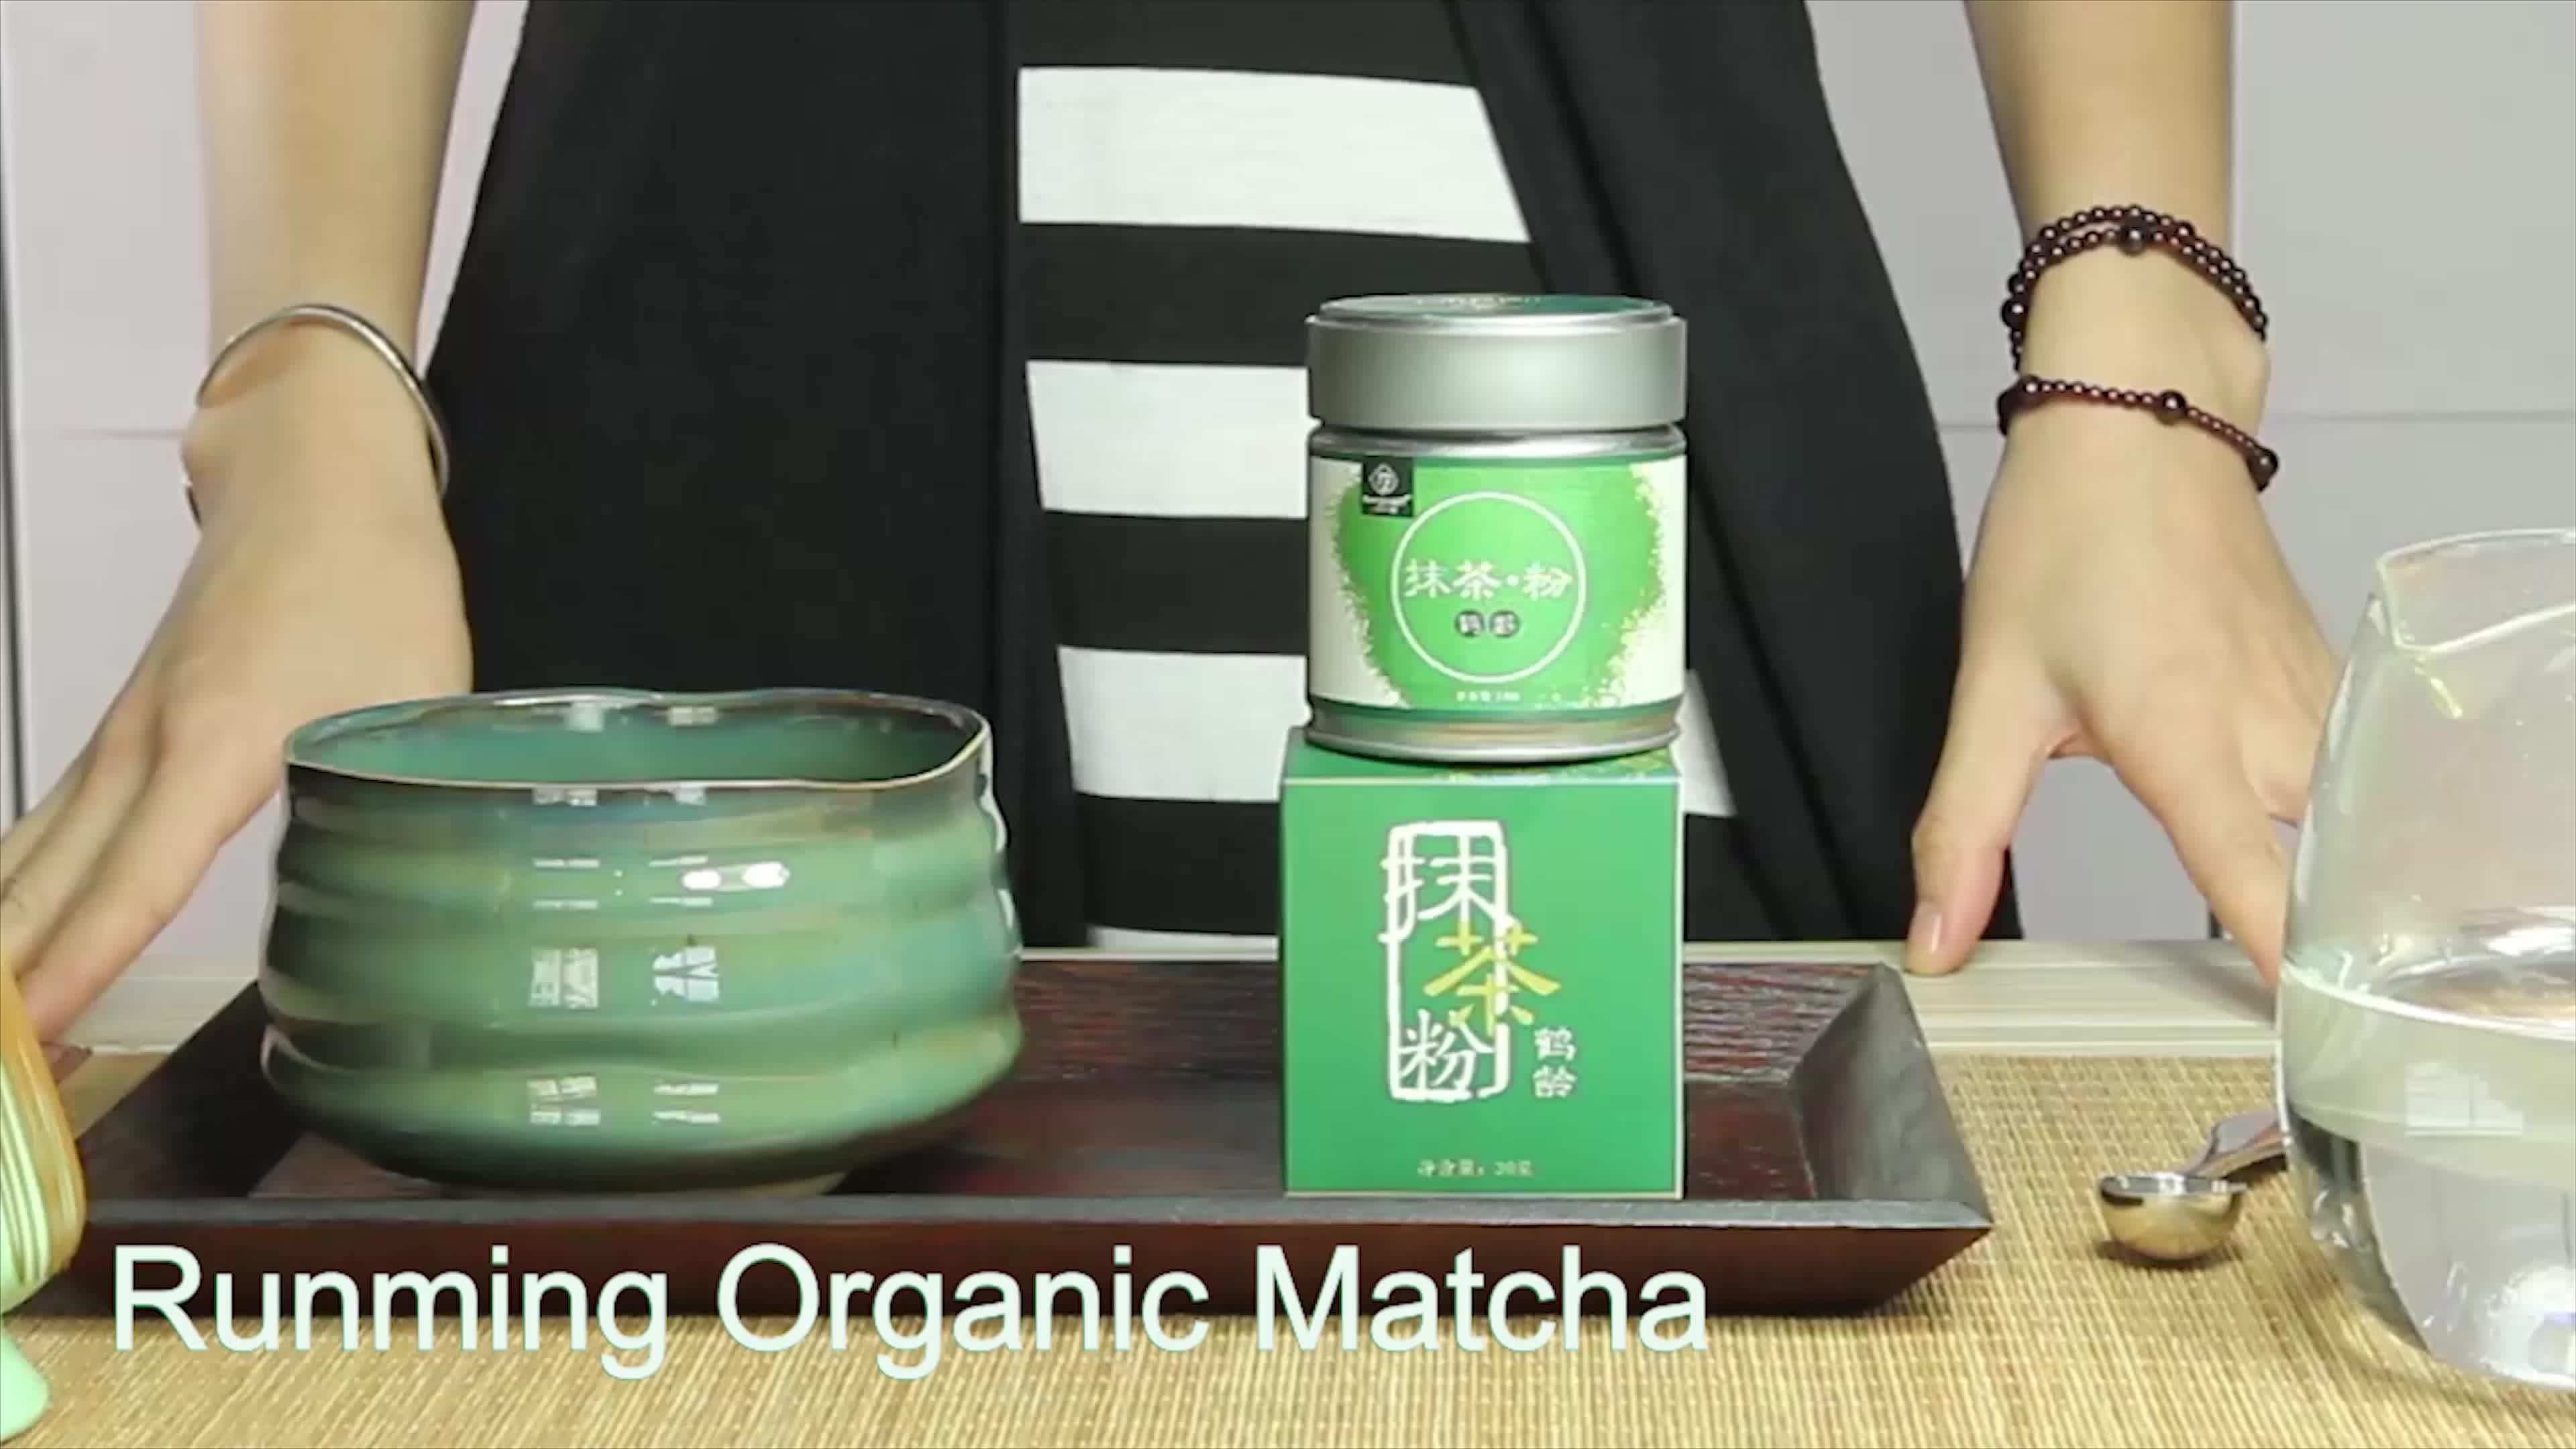 Organik Ekstrak Stevia Putih Hijau Matcha Teh Ekstrak Bubuk 1Kg Harga Stevia Teh